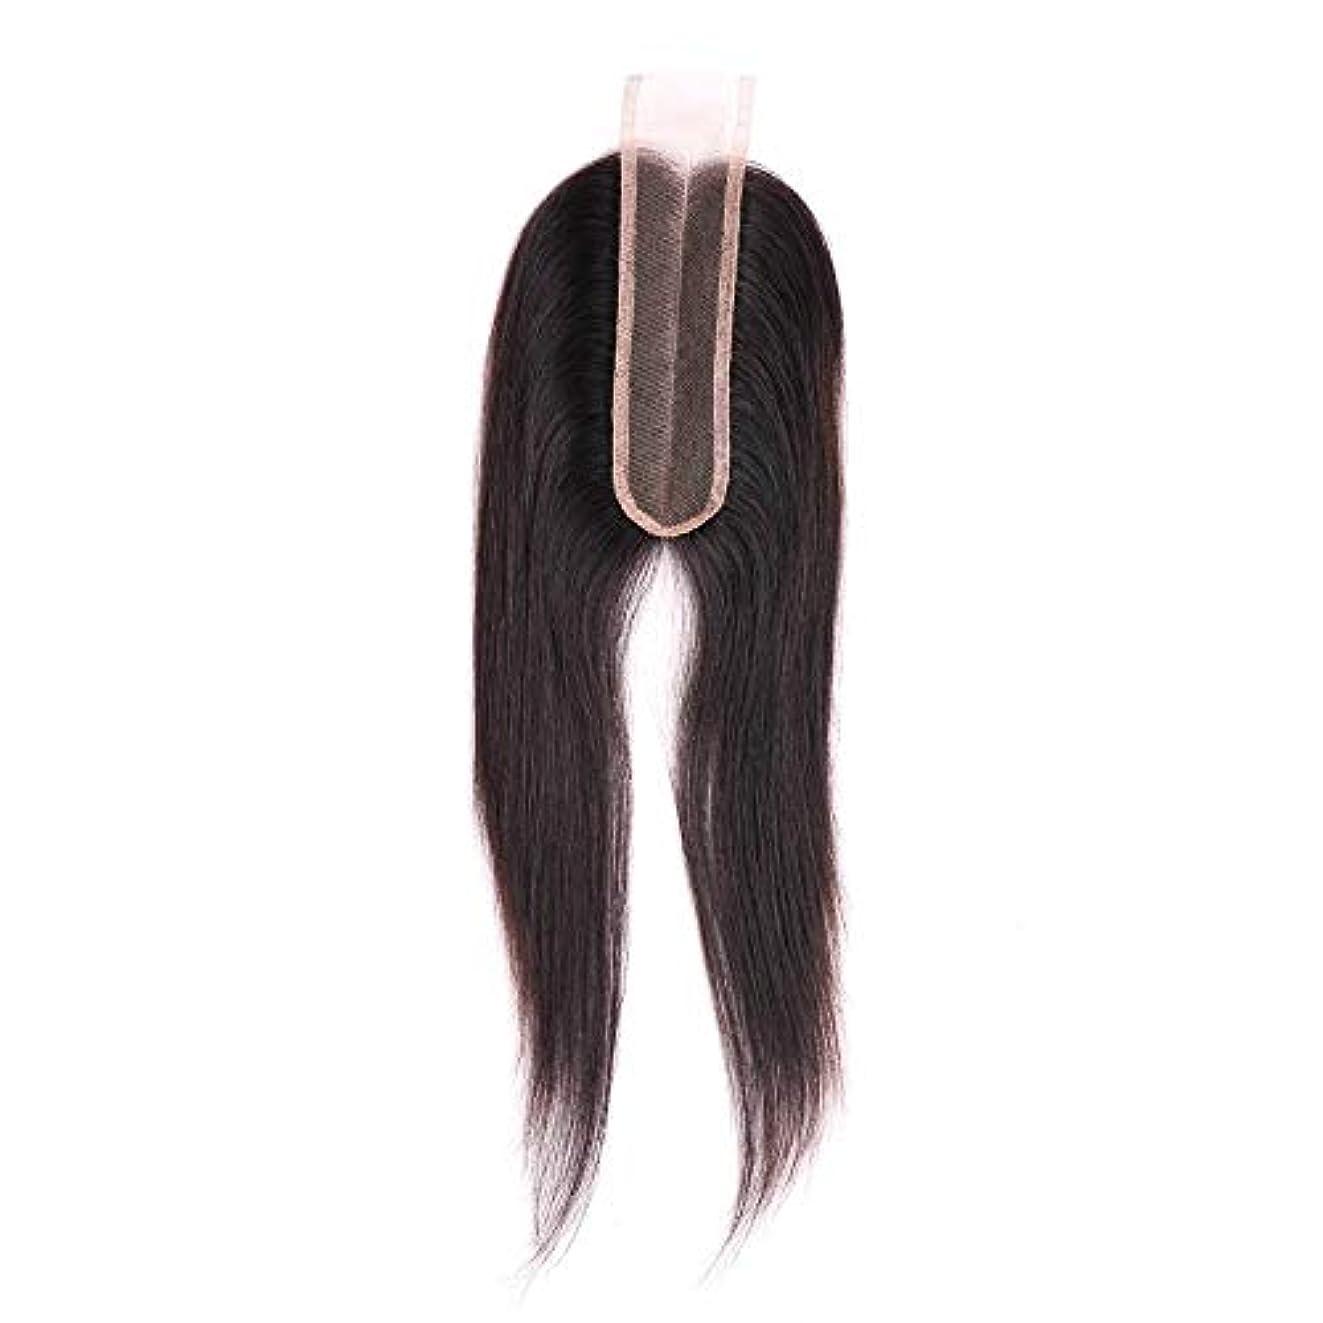 シャツ感謝祭二週間SRY-Wigファッション 黒人女性のためのファッションストレートレースフロントウィッグベビーヘアレースフロントウィッグ付きブラジル人毛ウィッグ (Color : ブラック, Size : 18inch)